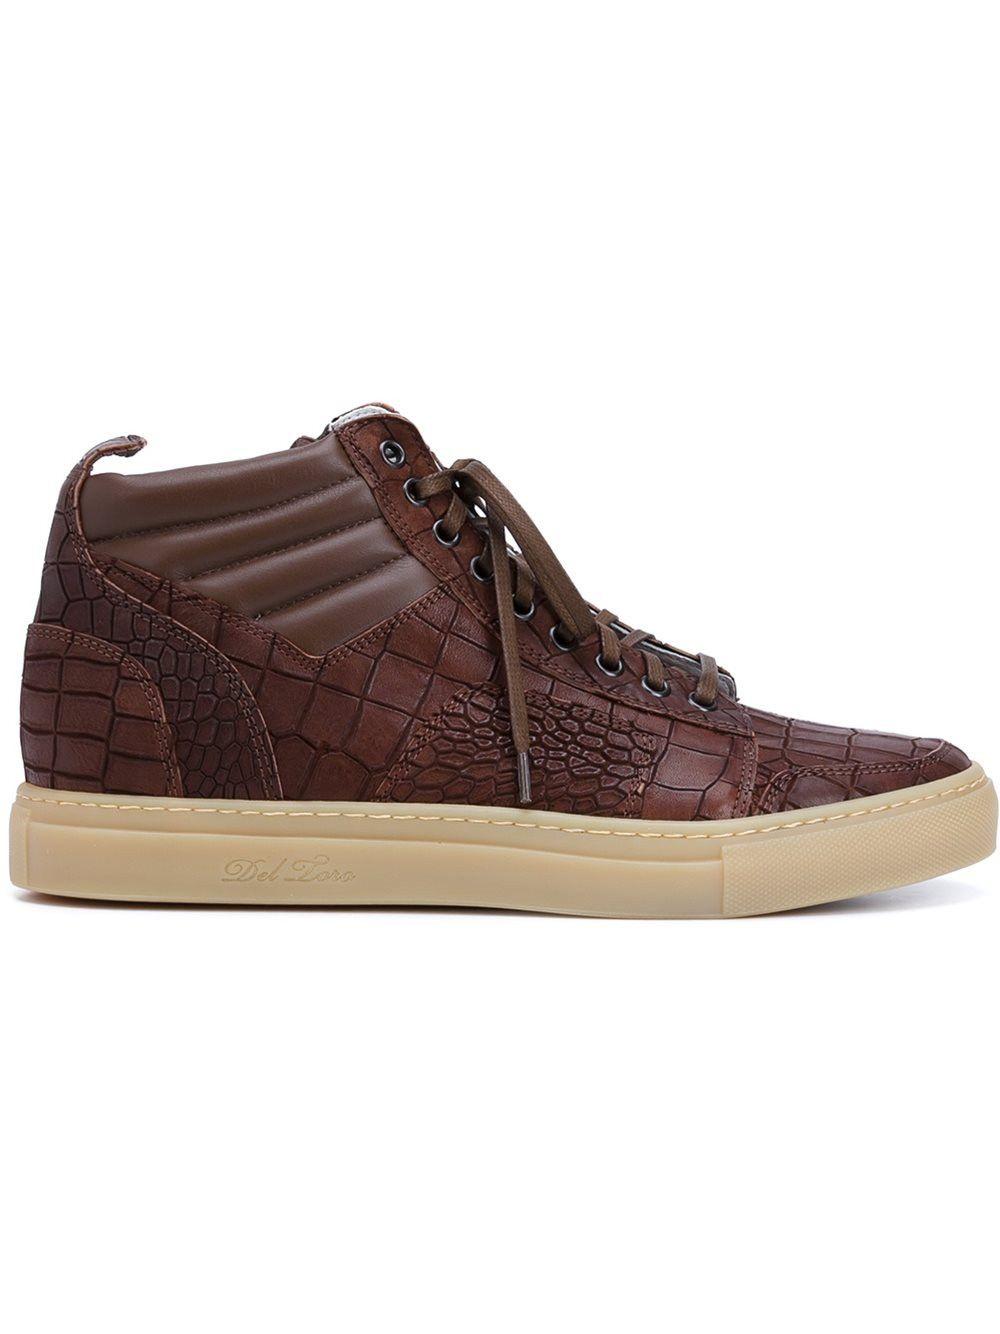 FOOTWEAR - High-tops & sneakers Del Toro Shoes Ep4PEvpB